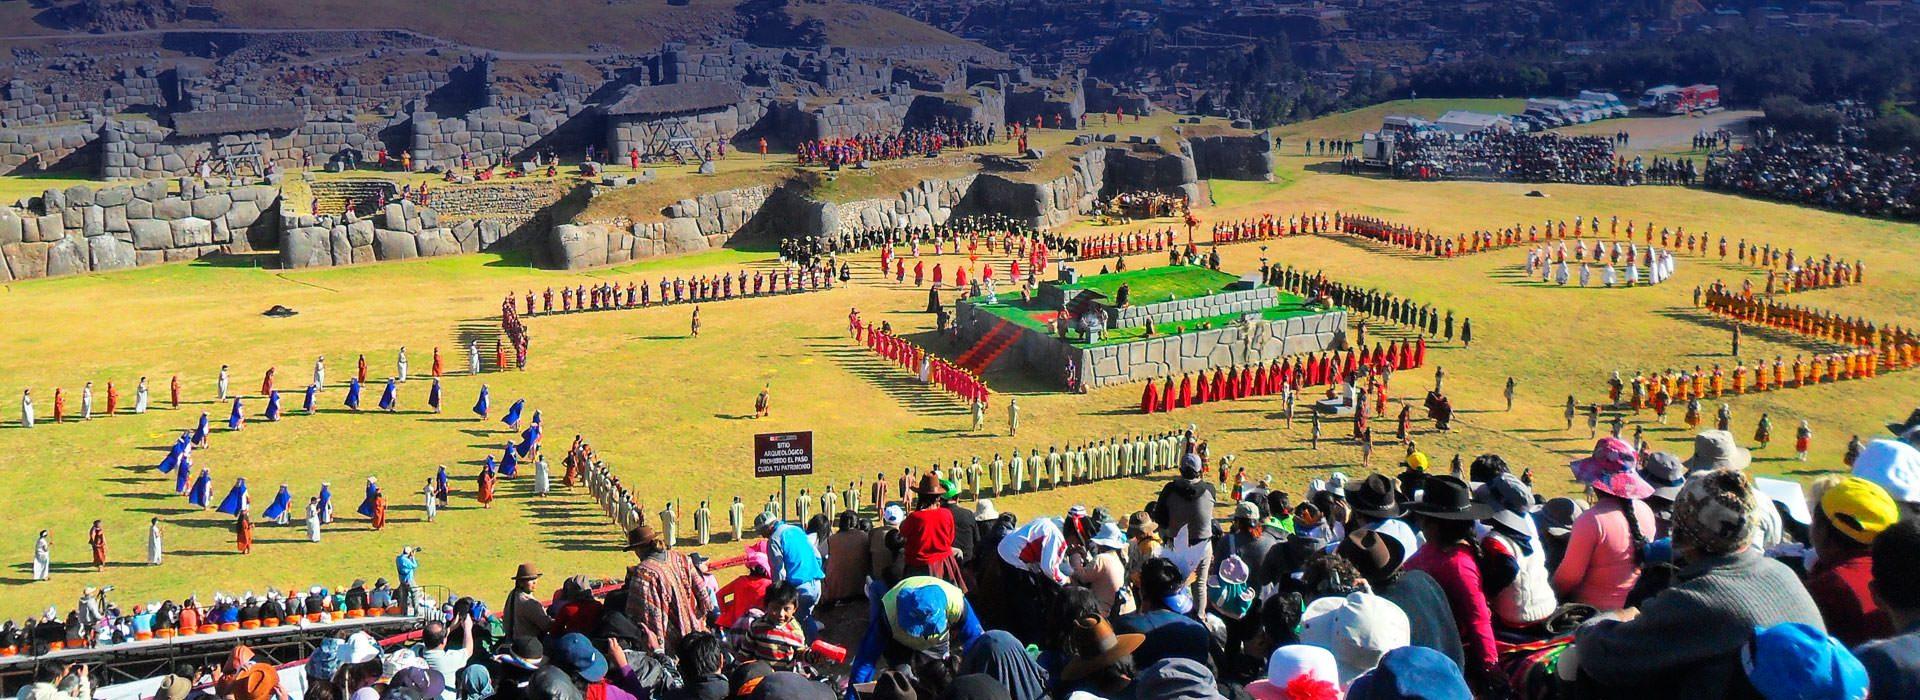 Peru's Inti Raymi Peru's Inti Raymi Festival